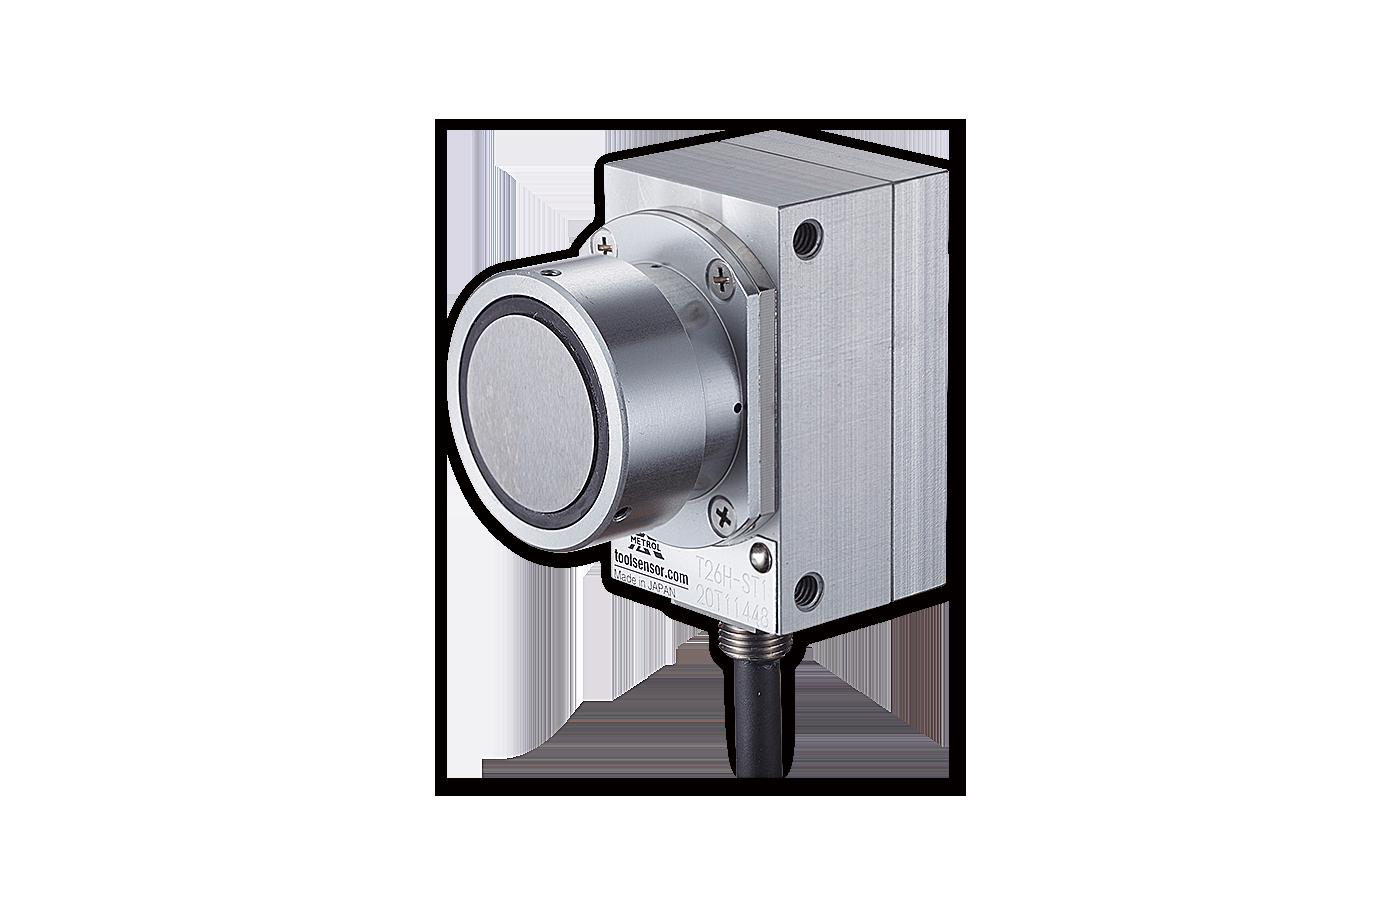 横型CNCマシニングセンタ用ツールセッター[T26Kシリーズ]